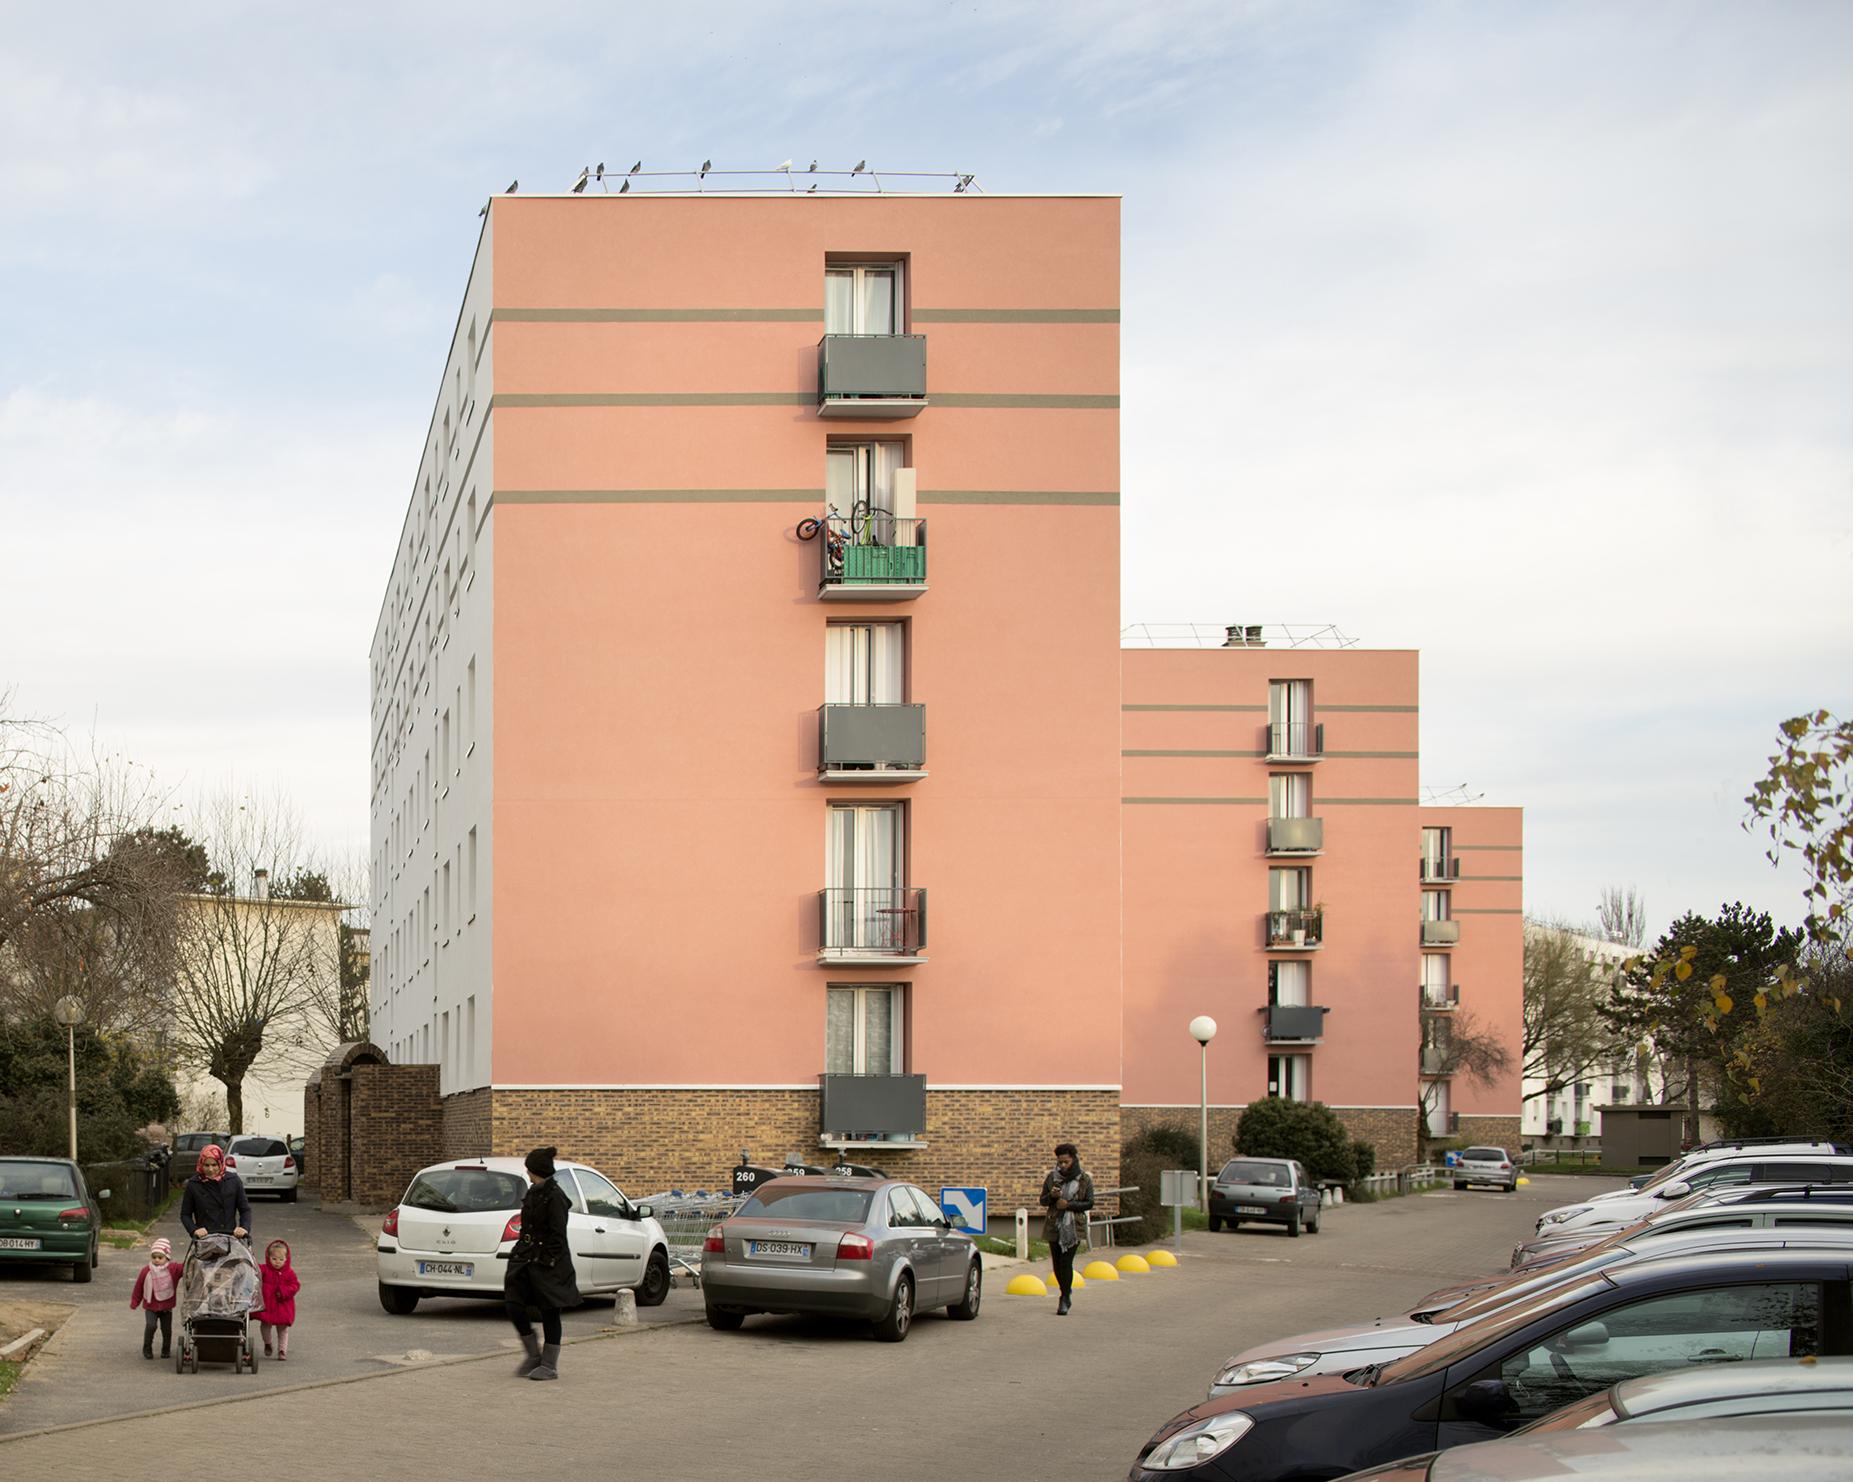 Sainte-Genevieve-12